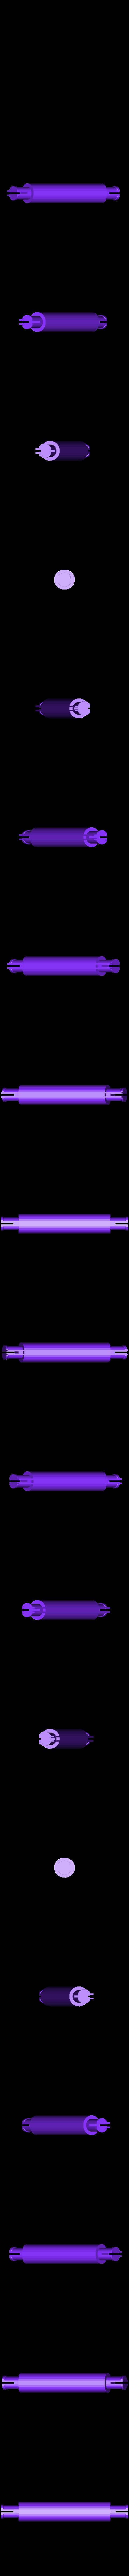 liaison angles clip.stl Télécharger fichier STL gratuit KINETIC 2 • Plan pour imprimante 3D, NOP21